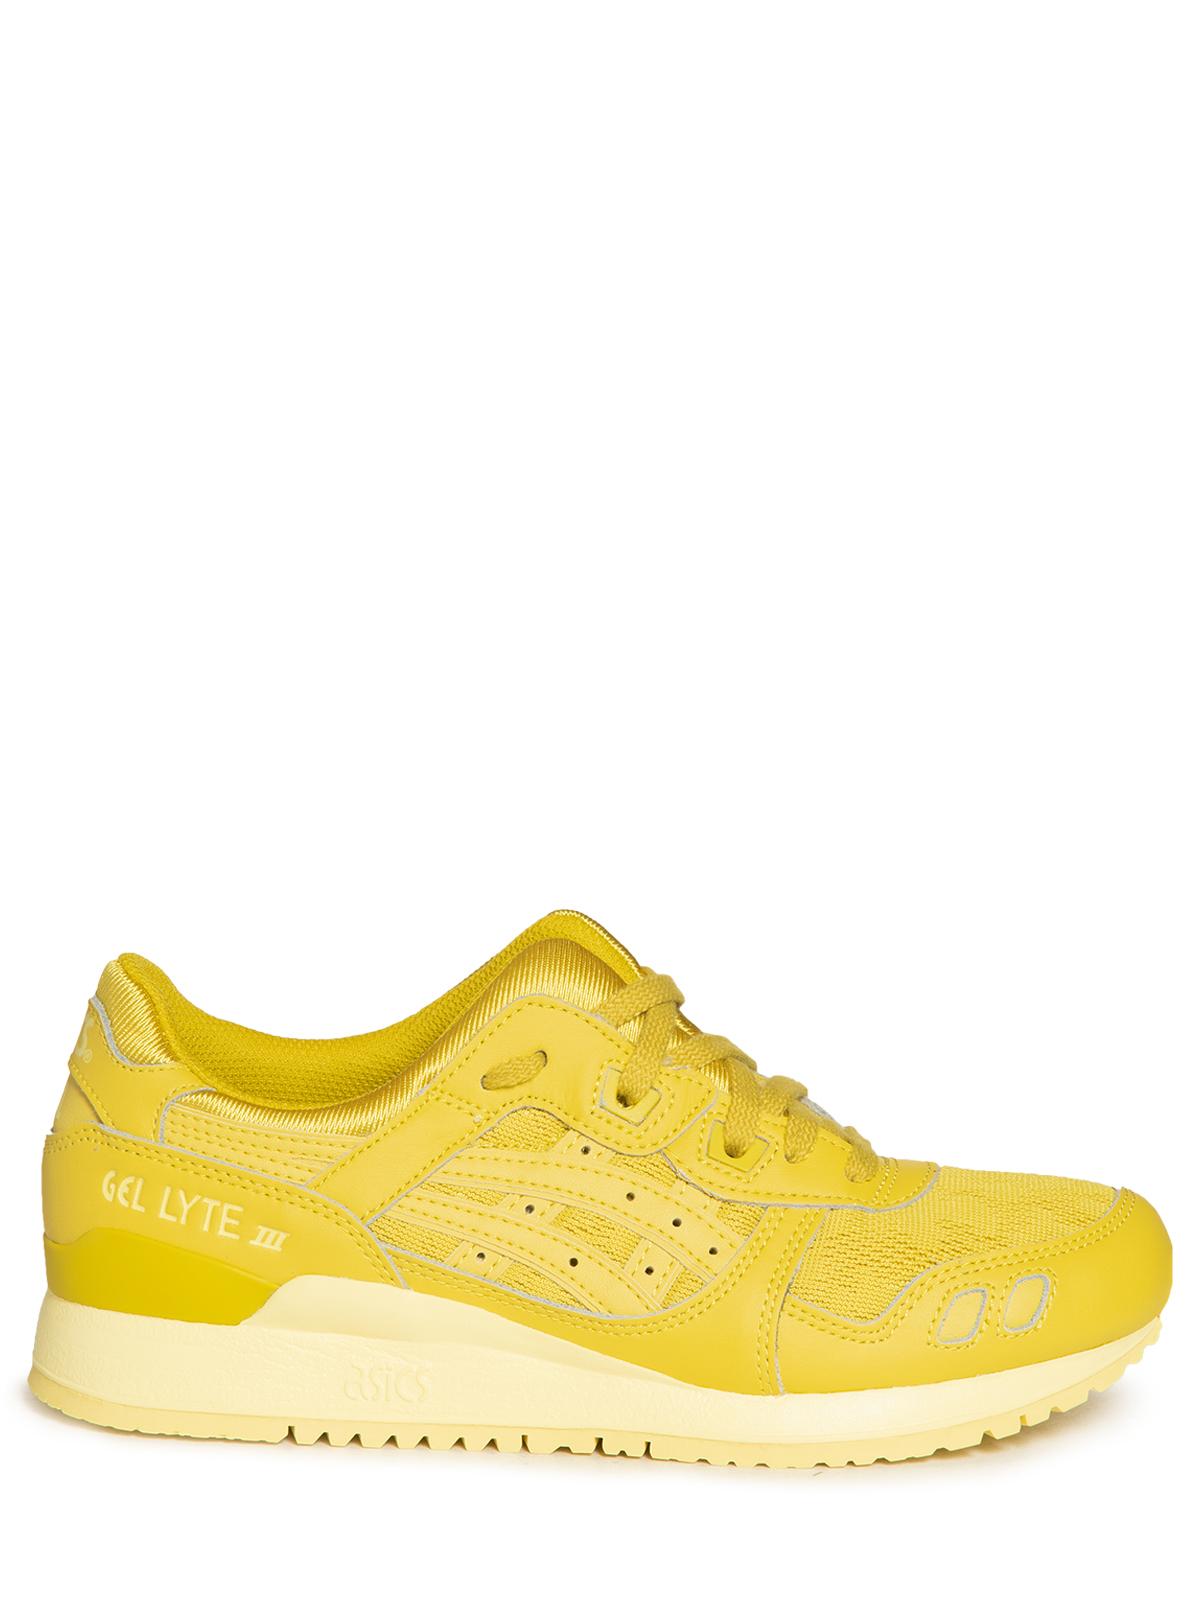 Asics Sneaker Lyte III gelb | Dress-for